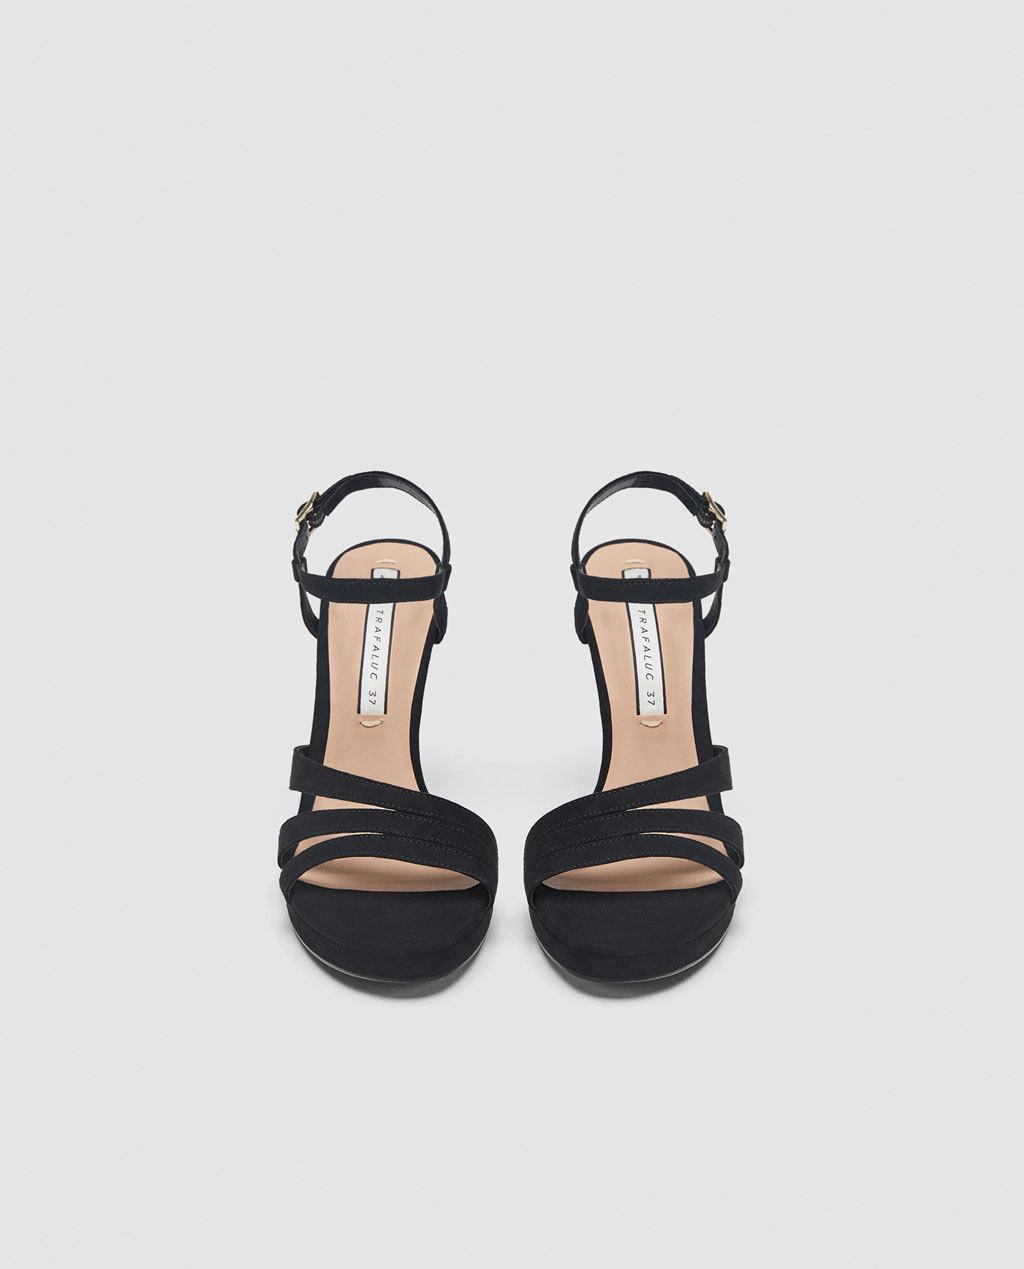 Sandalias de tacón con tiras de Zara (29,99 euros).